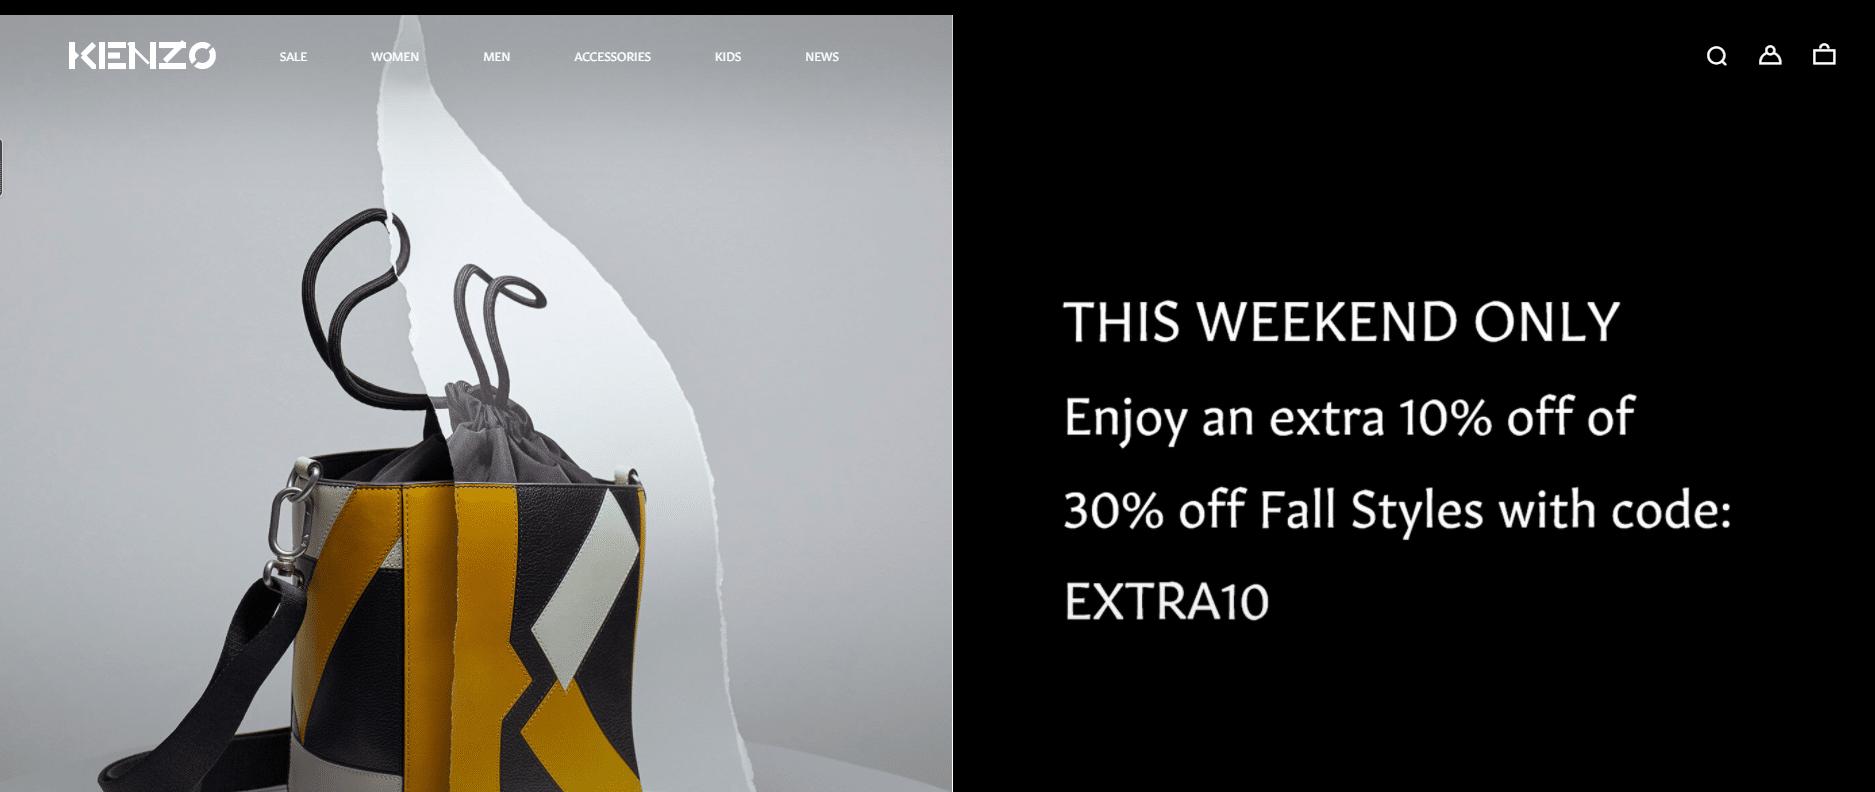 kenzo.com 10% off + 30% off promo code